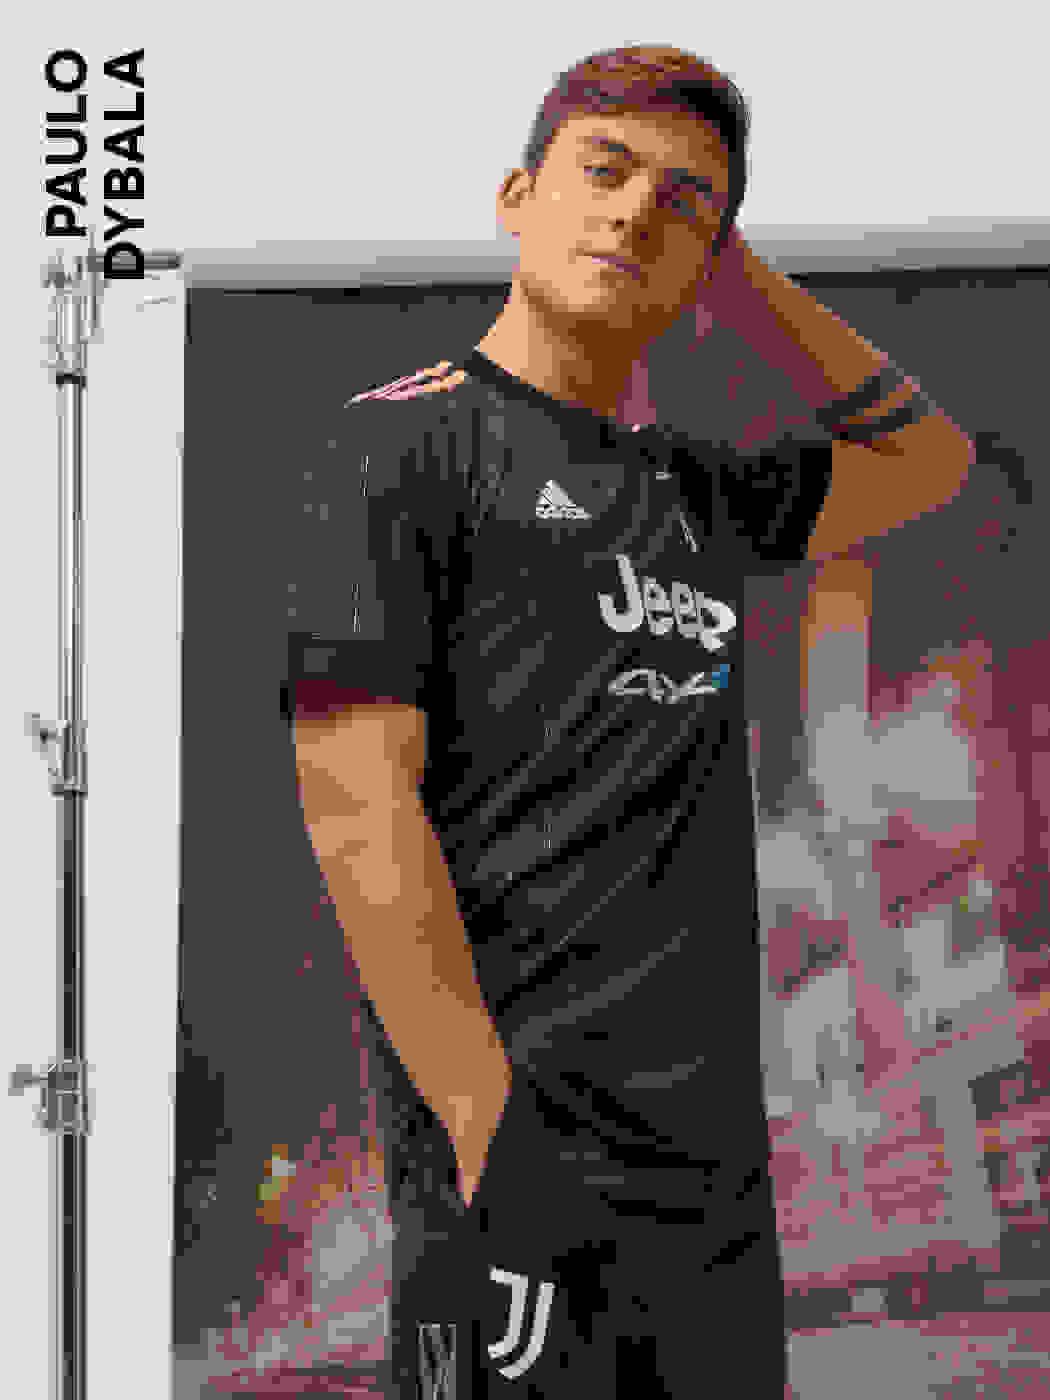 Male player wearing the Juventus Away Jersey